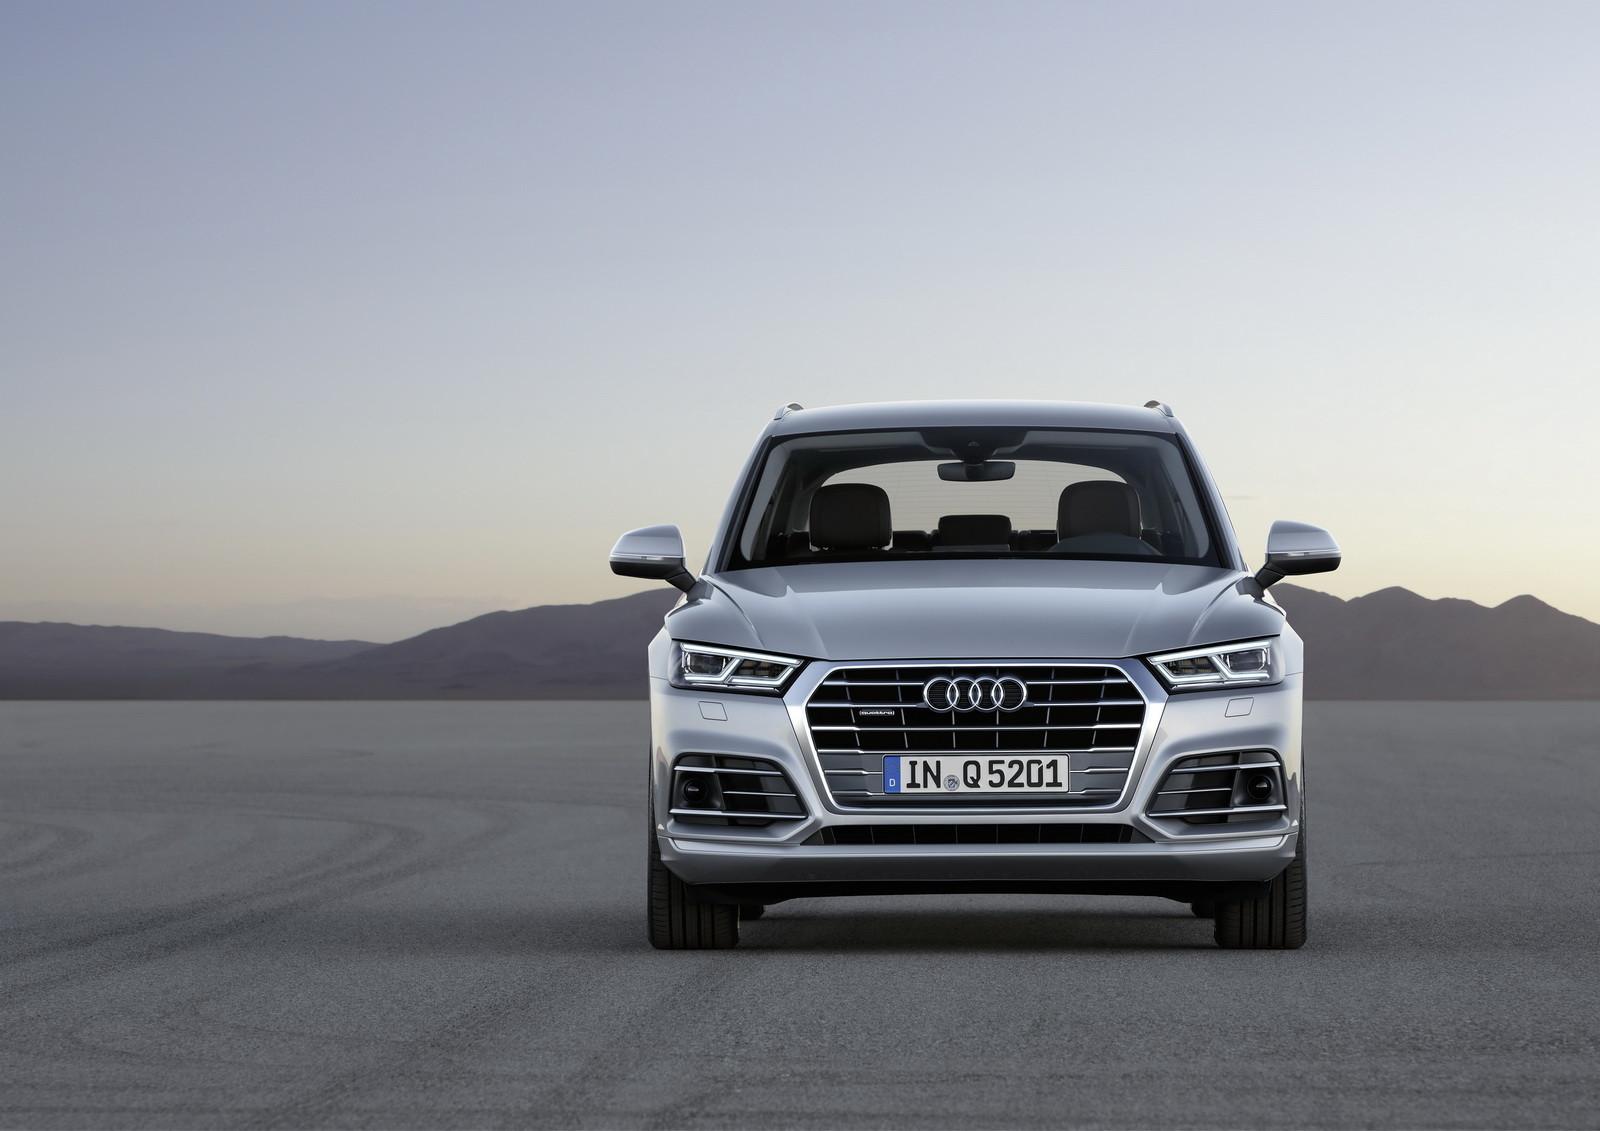 Audi Q5 2017 14 36